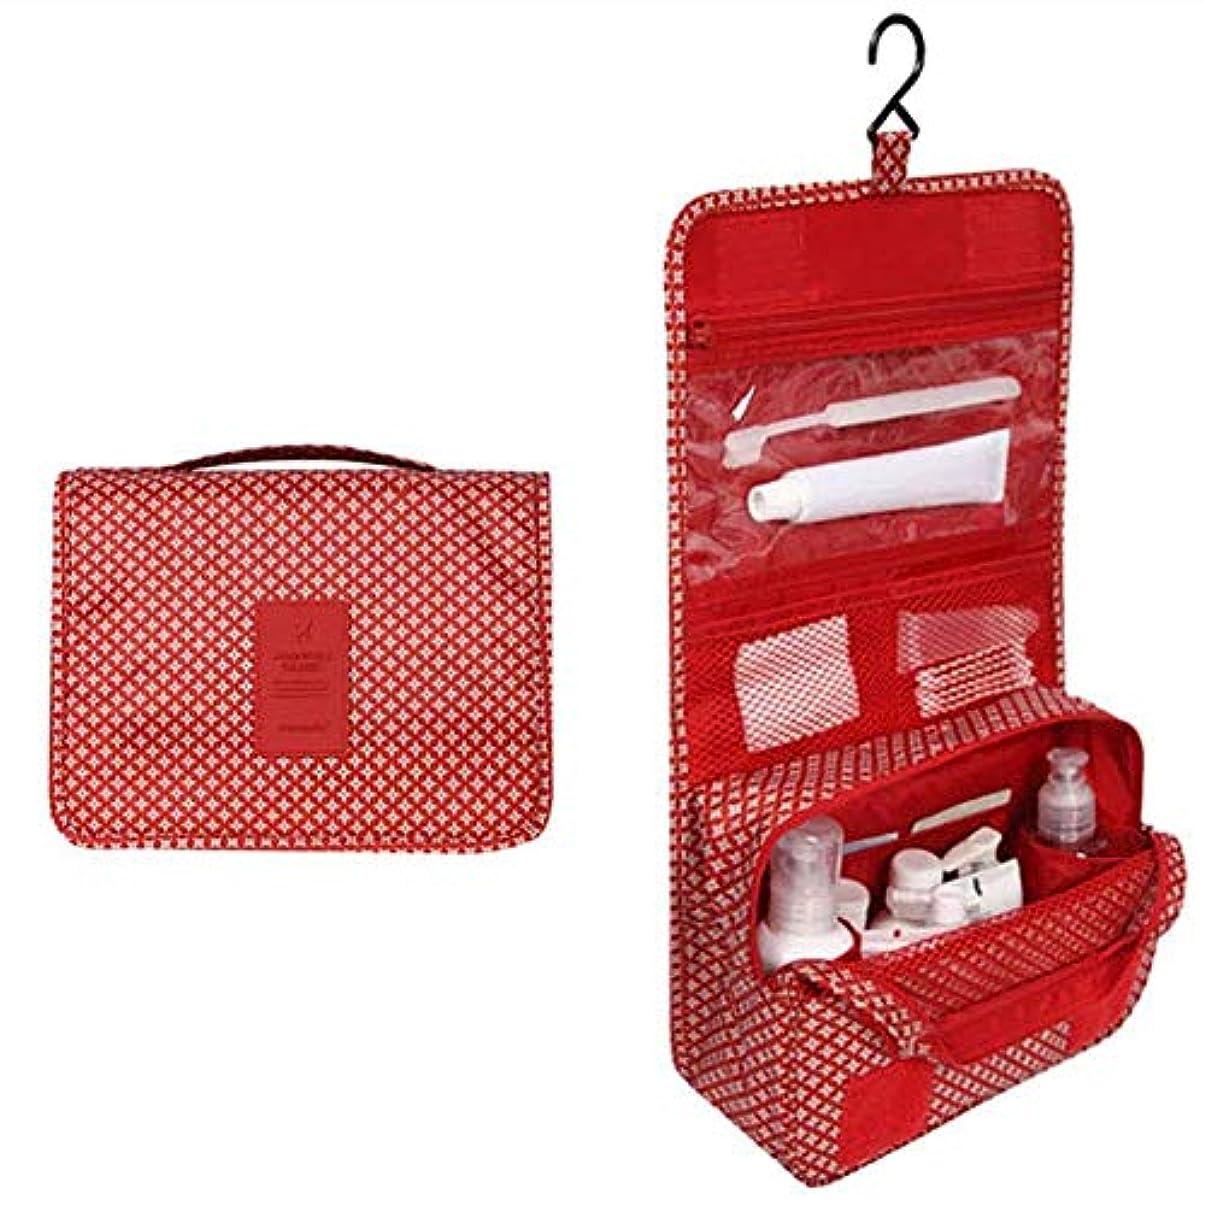 盲信行公使館Chinashow 休暇用吊りフックとレディース メンズ キット向け 大容量 化粧品 化粧トラベルオーガナイザーバッグケース、赤い星 - トイレタリー旅行バッグ化粧品袋 ハンギング